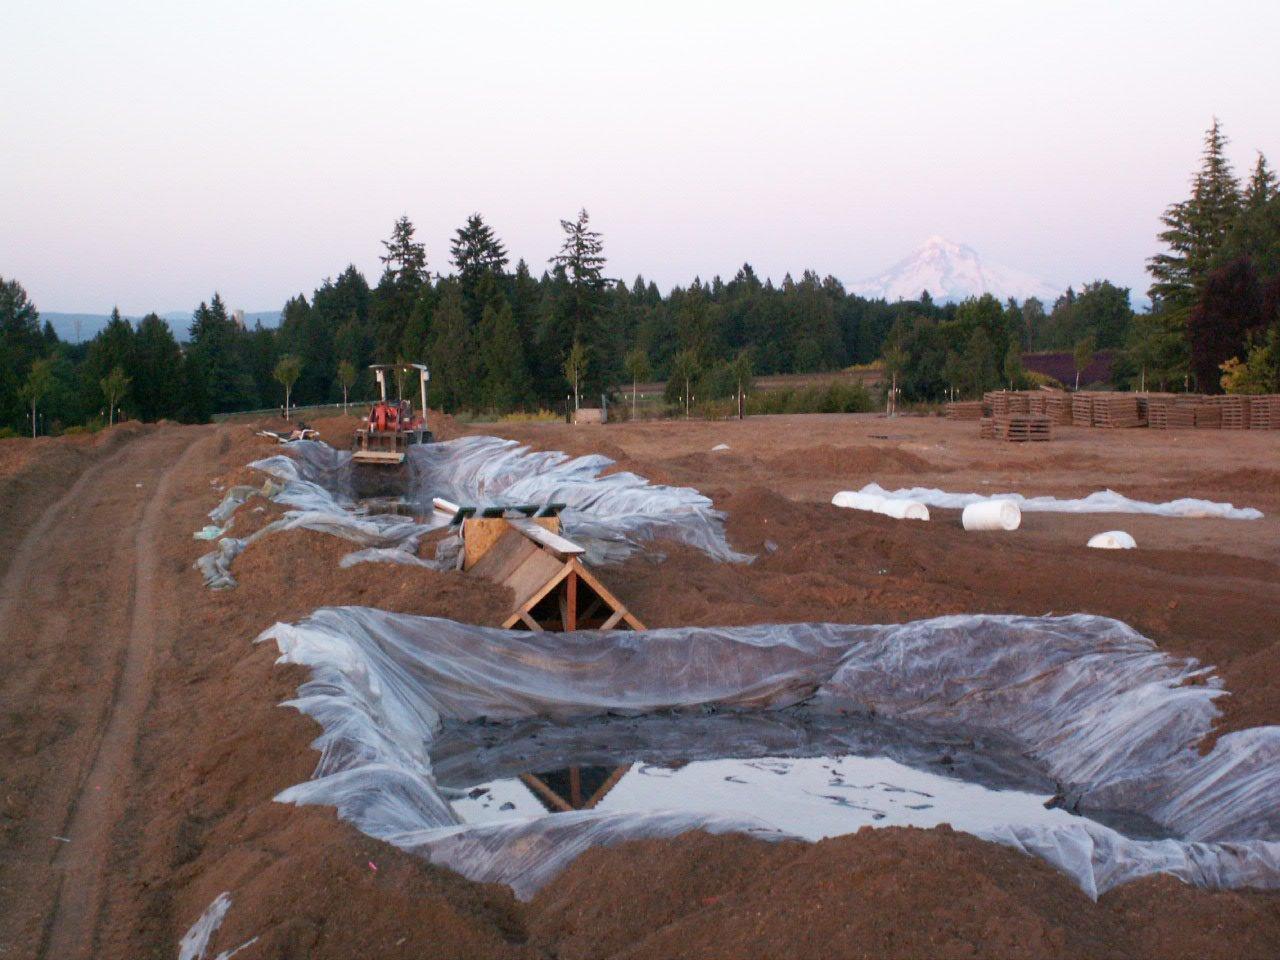 Old wakeboard pond set up